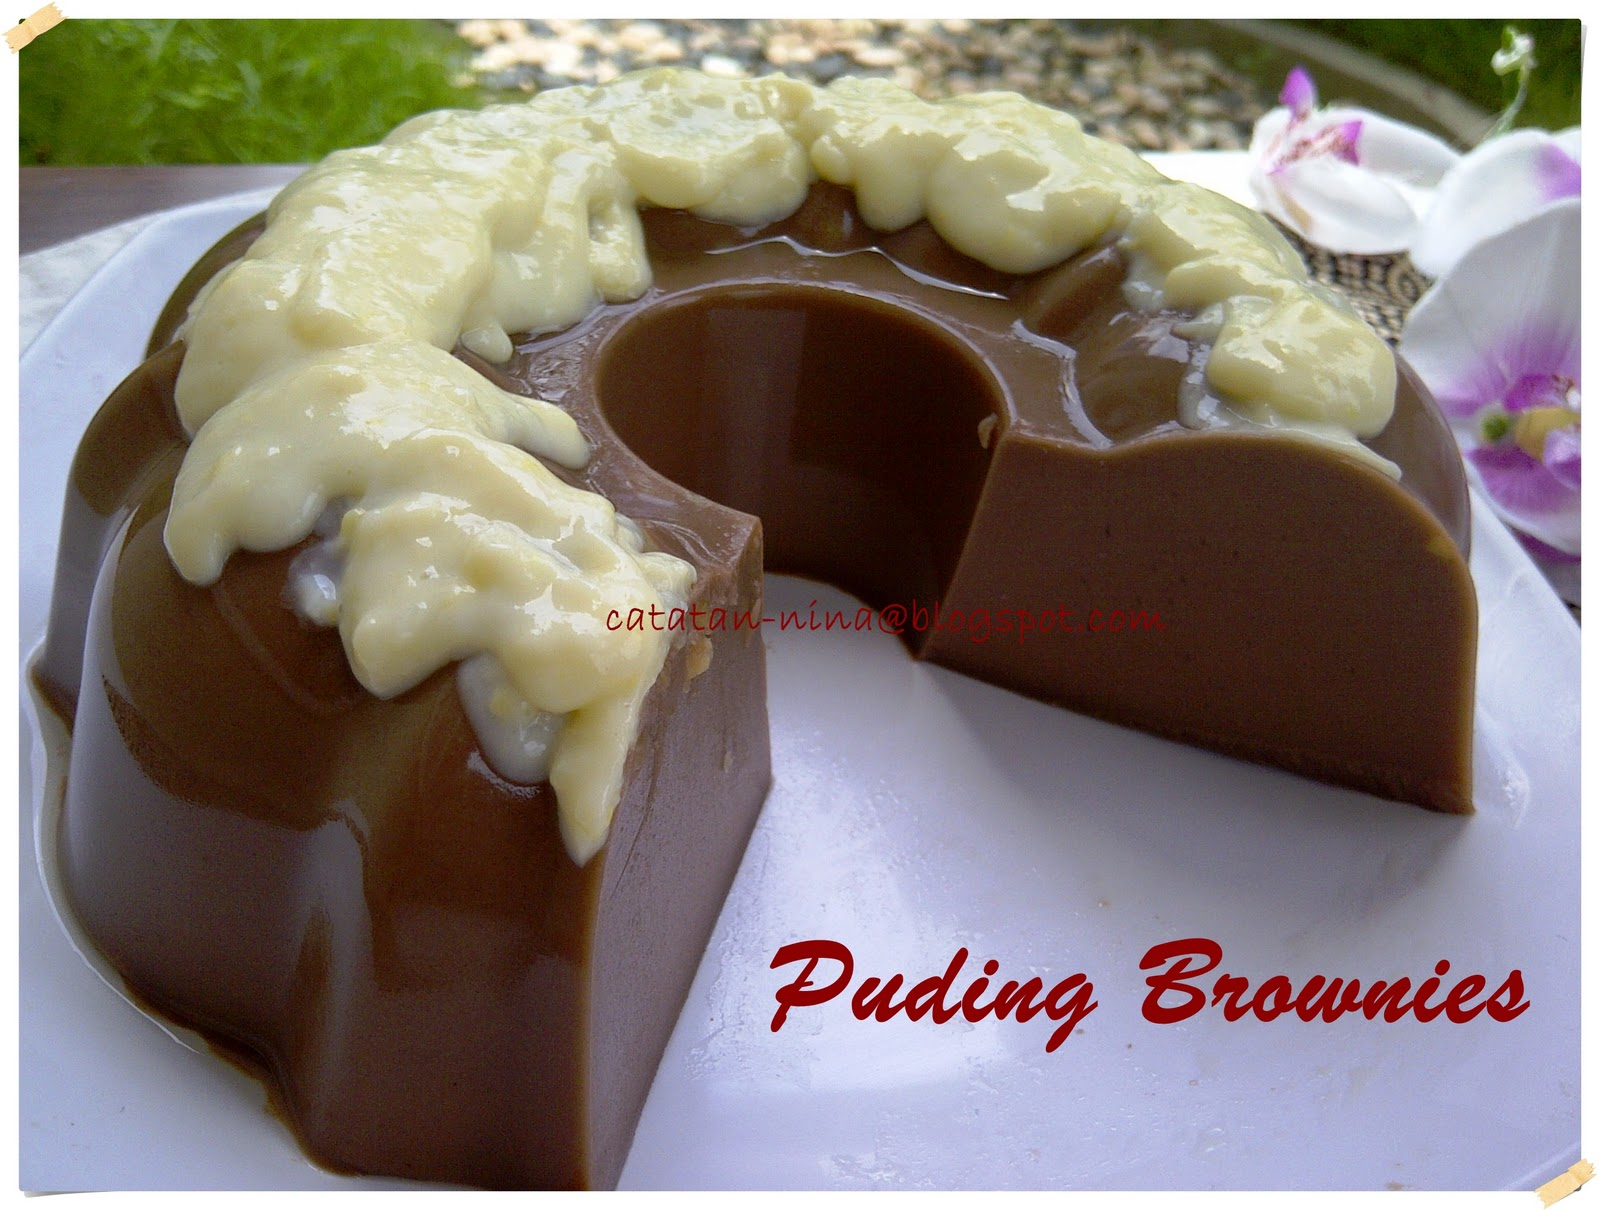 puding lagi kali ini penasaran dengan puding brownies karena beberapa